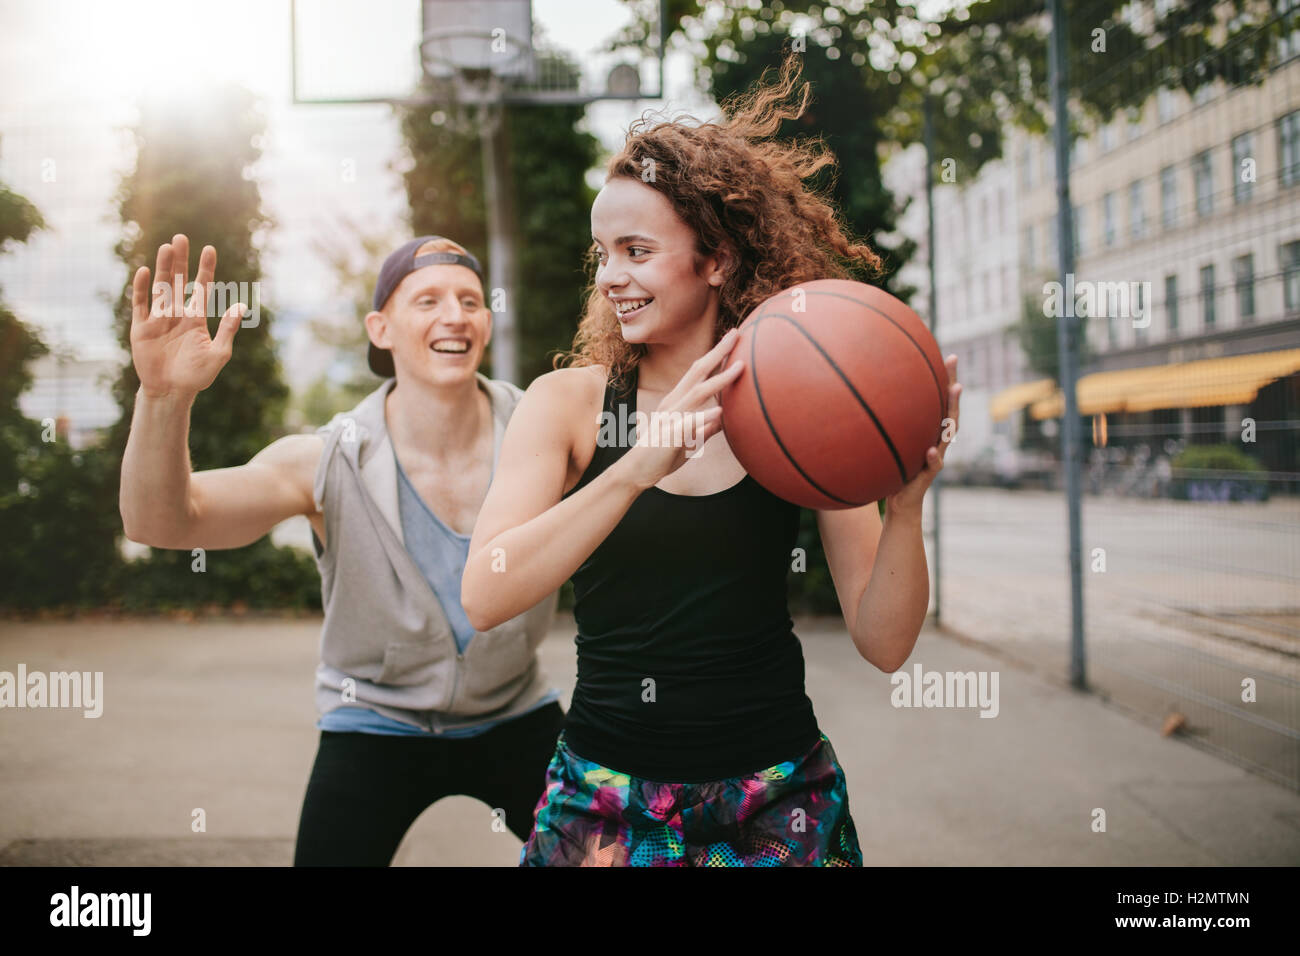 Ragazza giovane giocare a basket con ragazzo bloccando. Amici di adolescenti godendo di un gioco di streetball sulla Immagini Stock